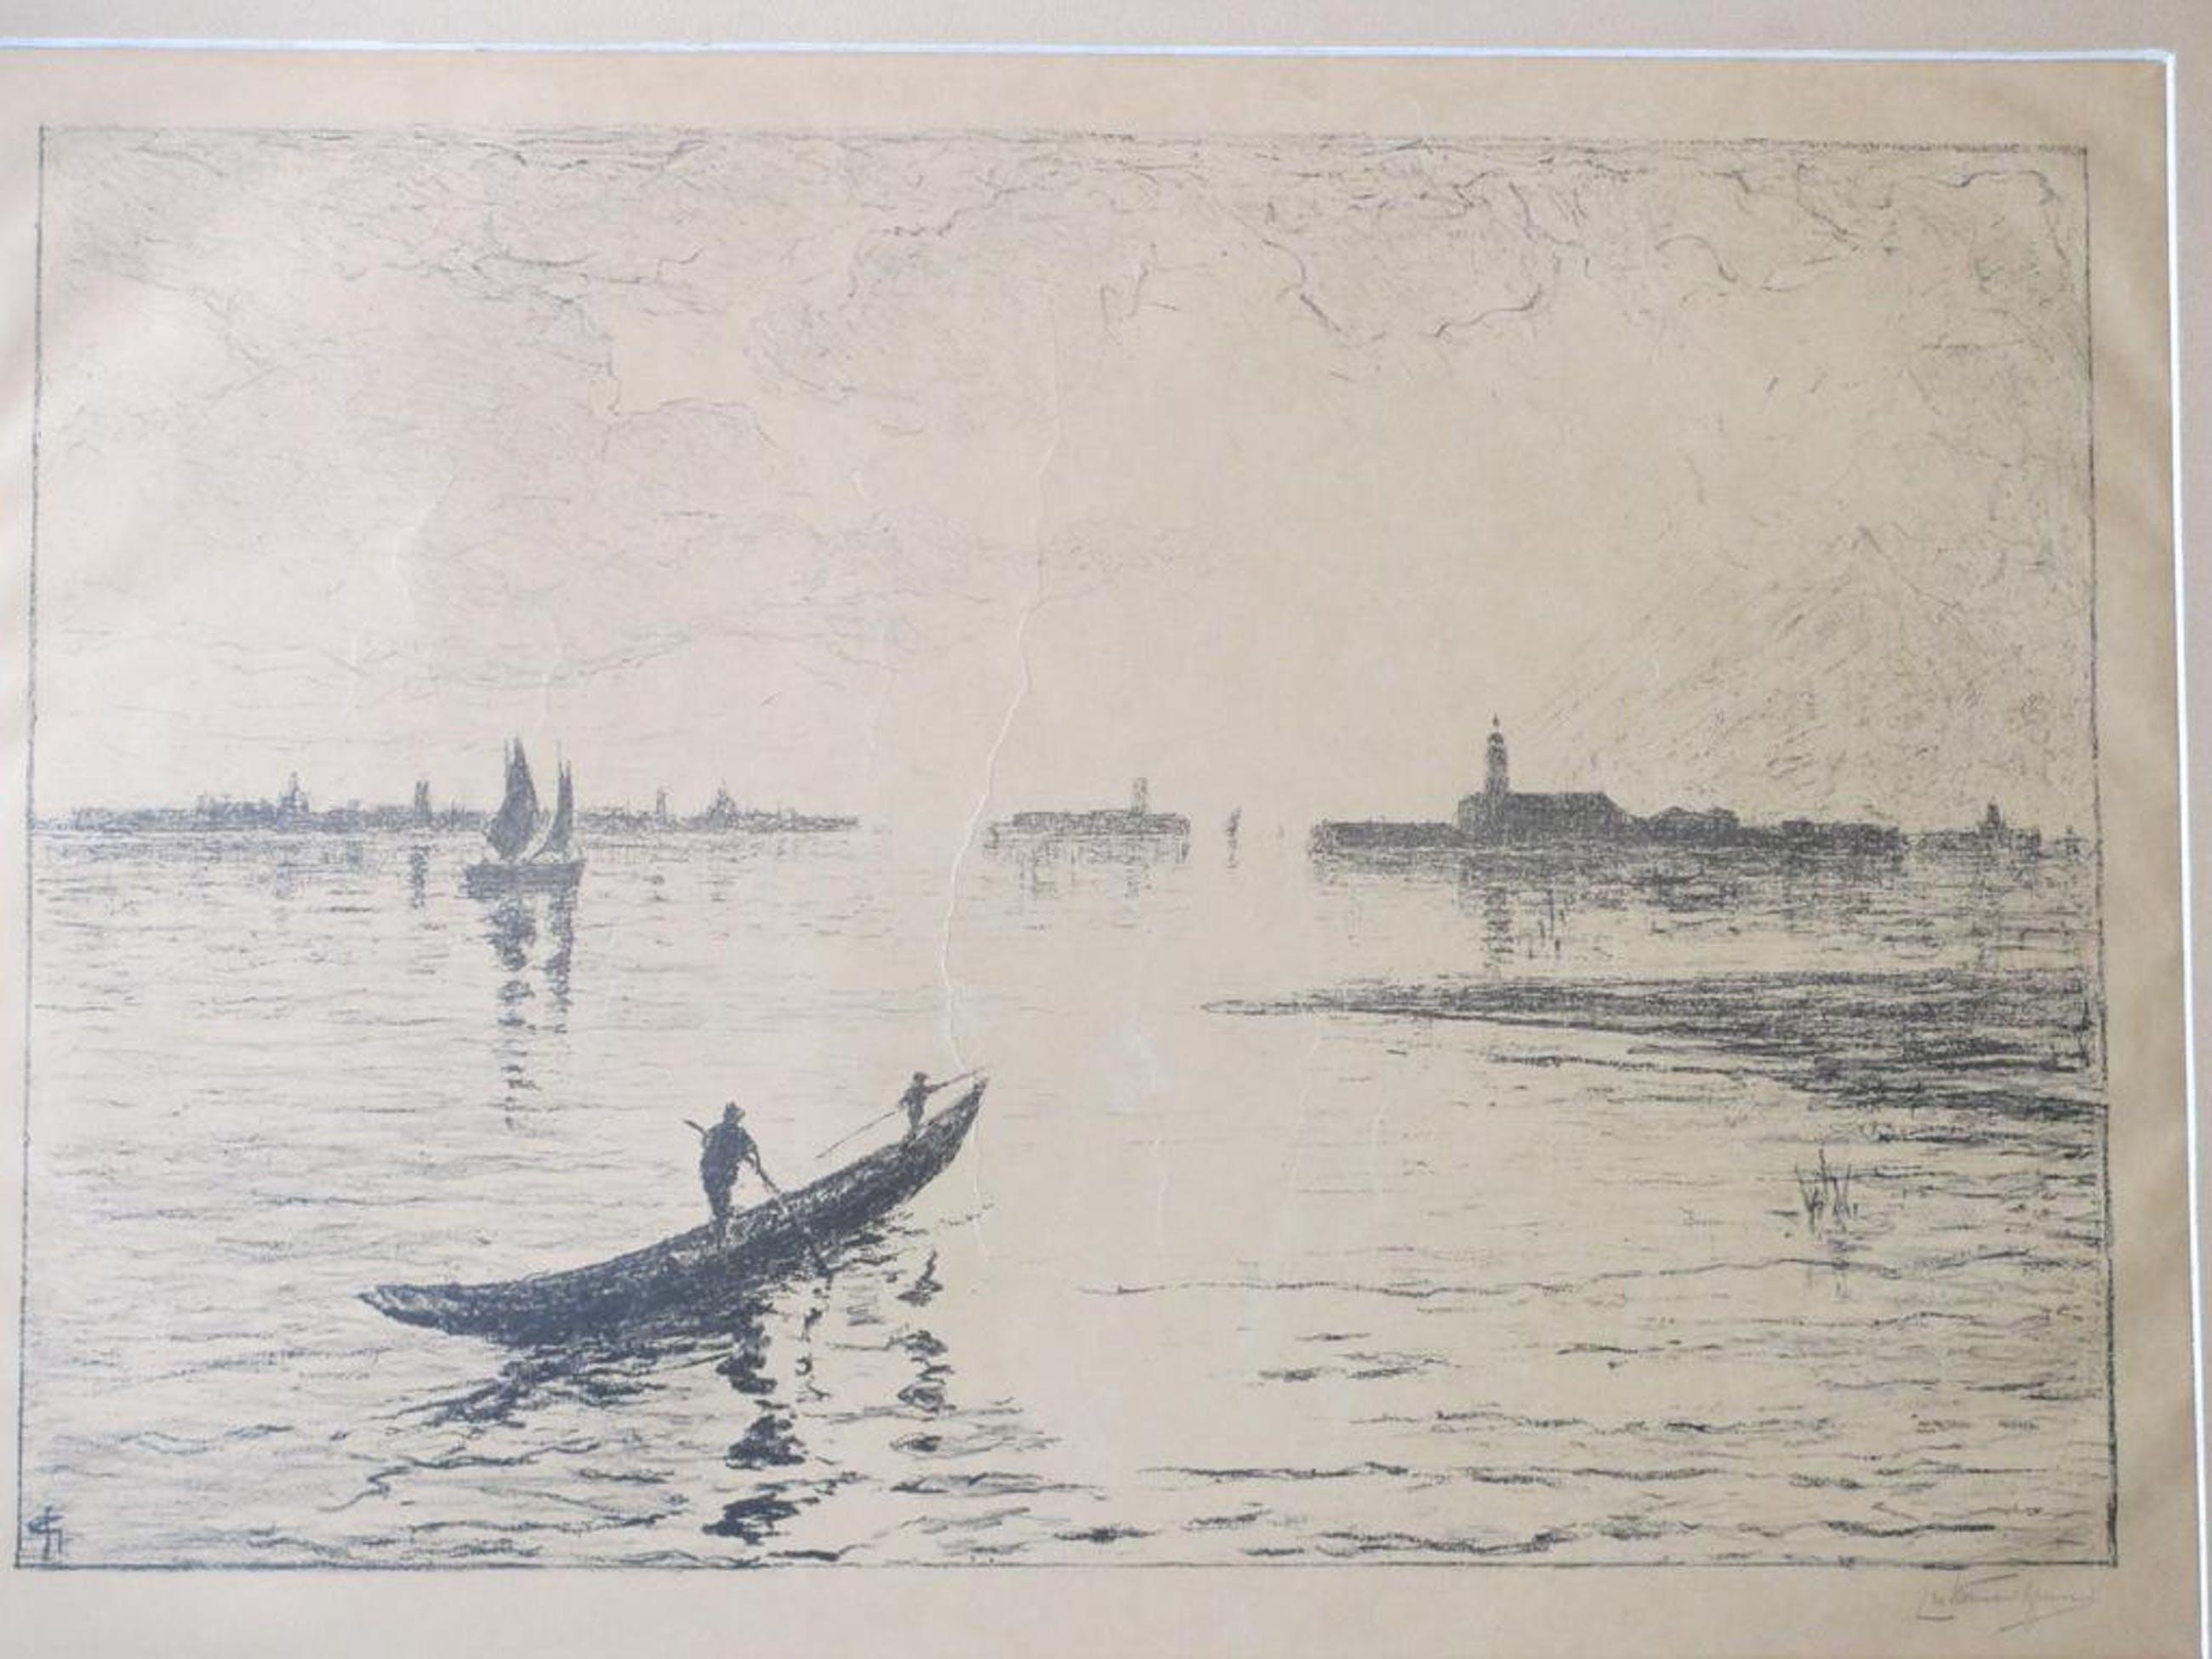 C.N.Storm van 's-Gravensande, Boten voor Venetië, Litho kopen? Bied vanaf 35!